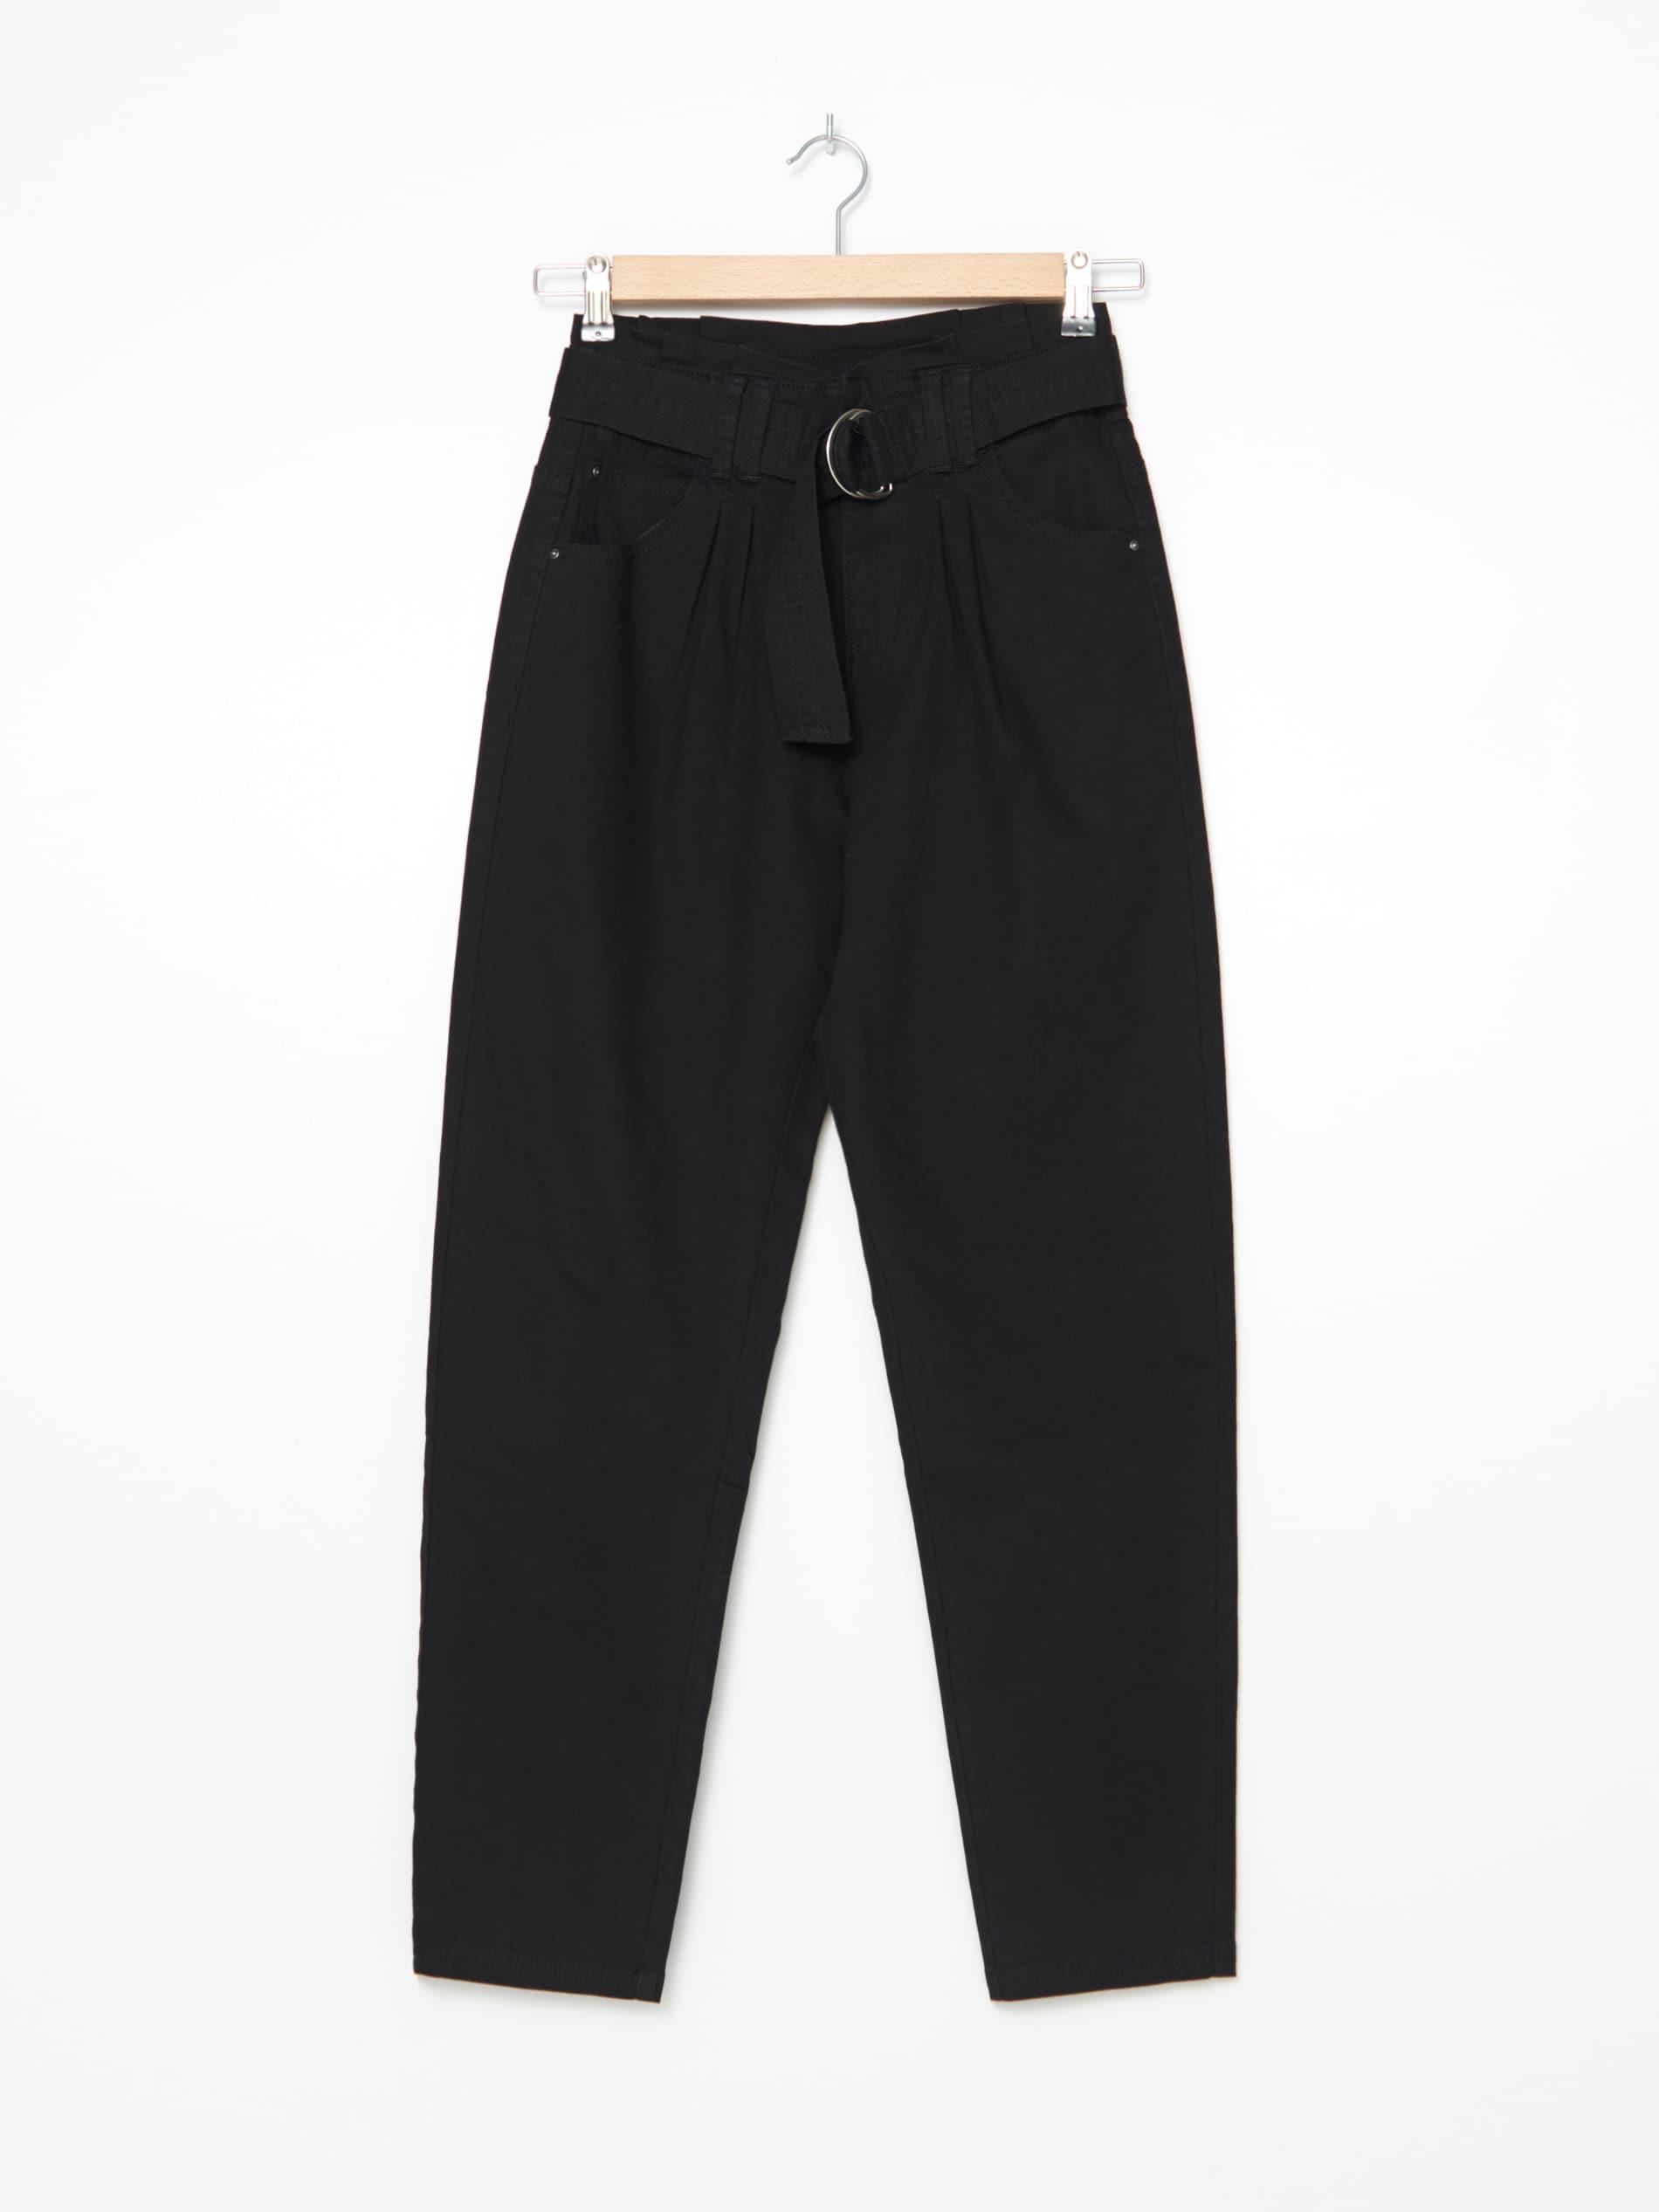 Nohavice s vysokým pásom a opaskom - čierna - ZM812-99X - HOUSE - 1